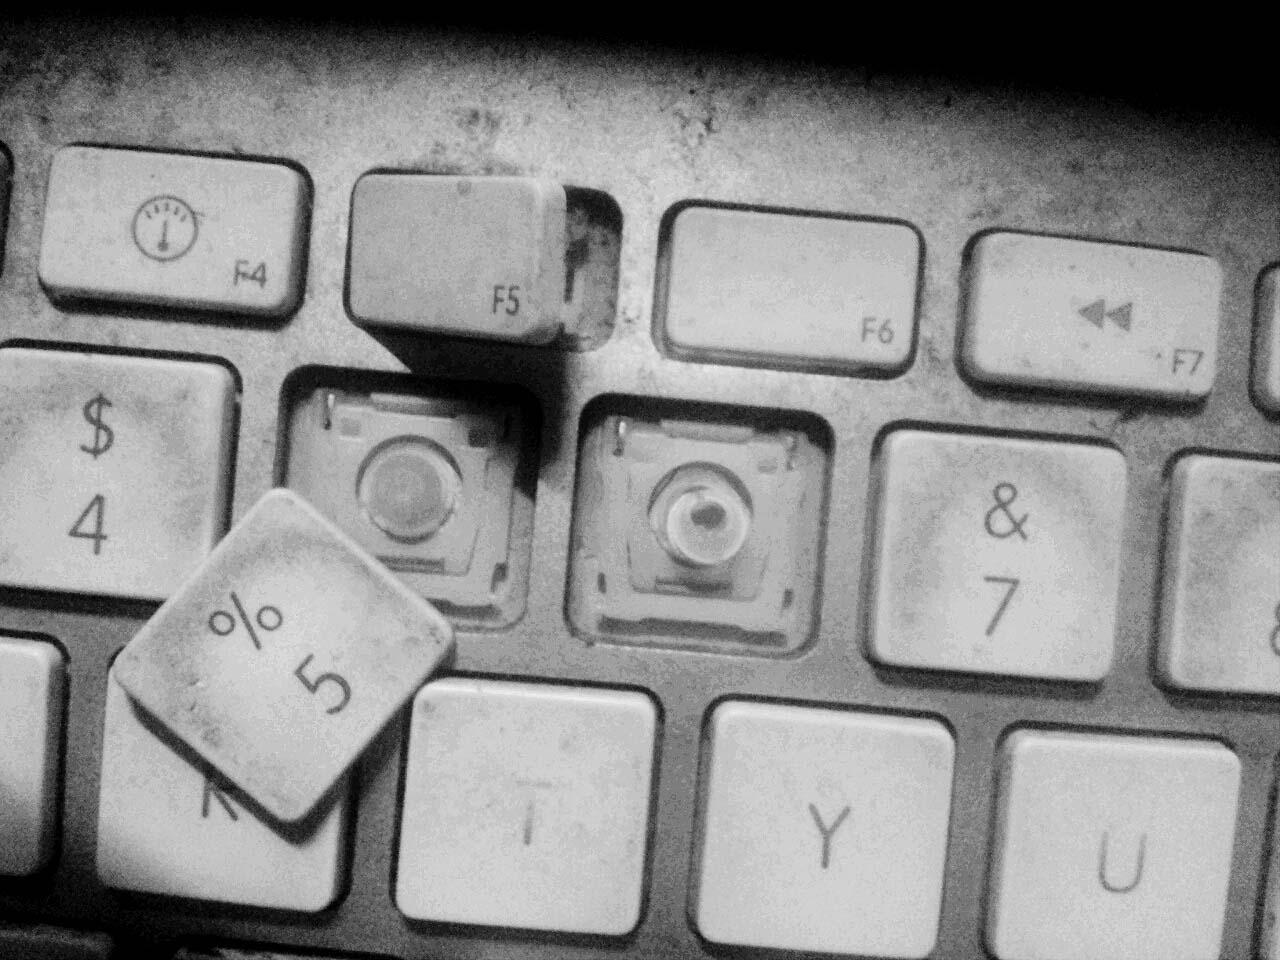 パソコンのキーボード壊れる